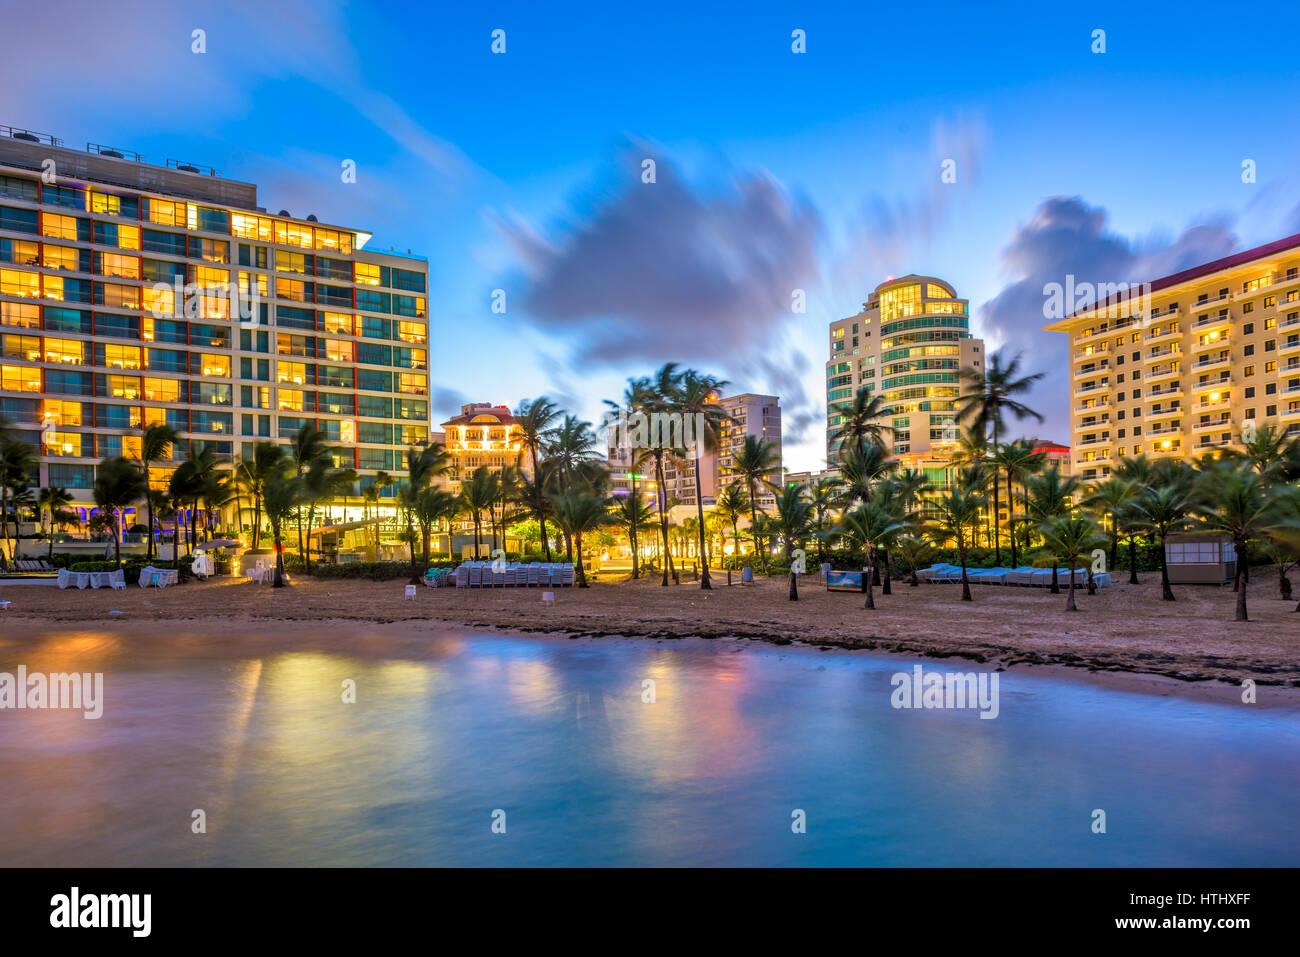 San Juan, Puerto Rico complejo skyline de la playa de Condado. Imagen De Stock